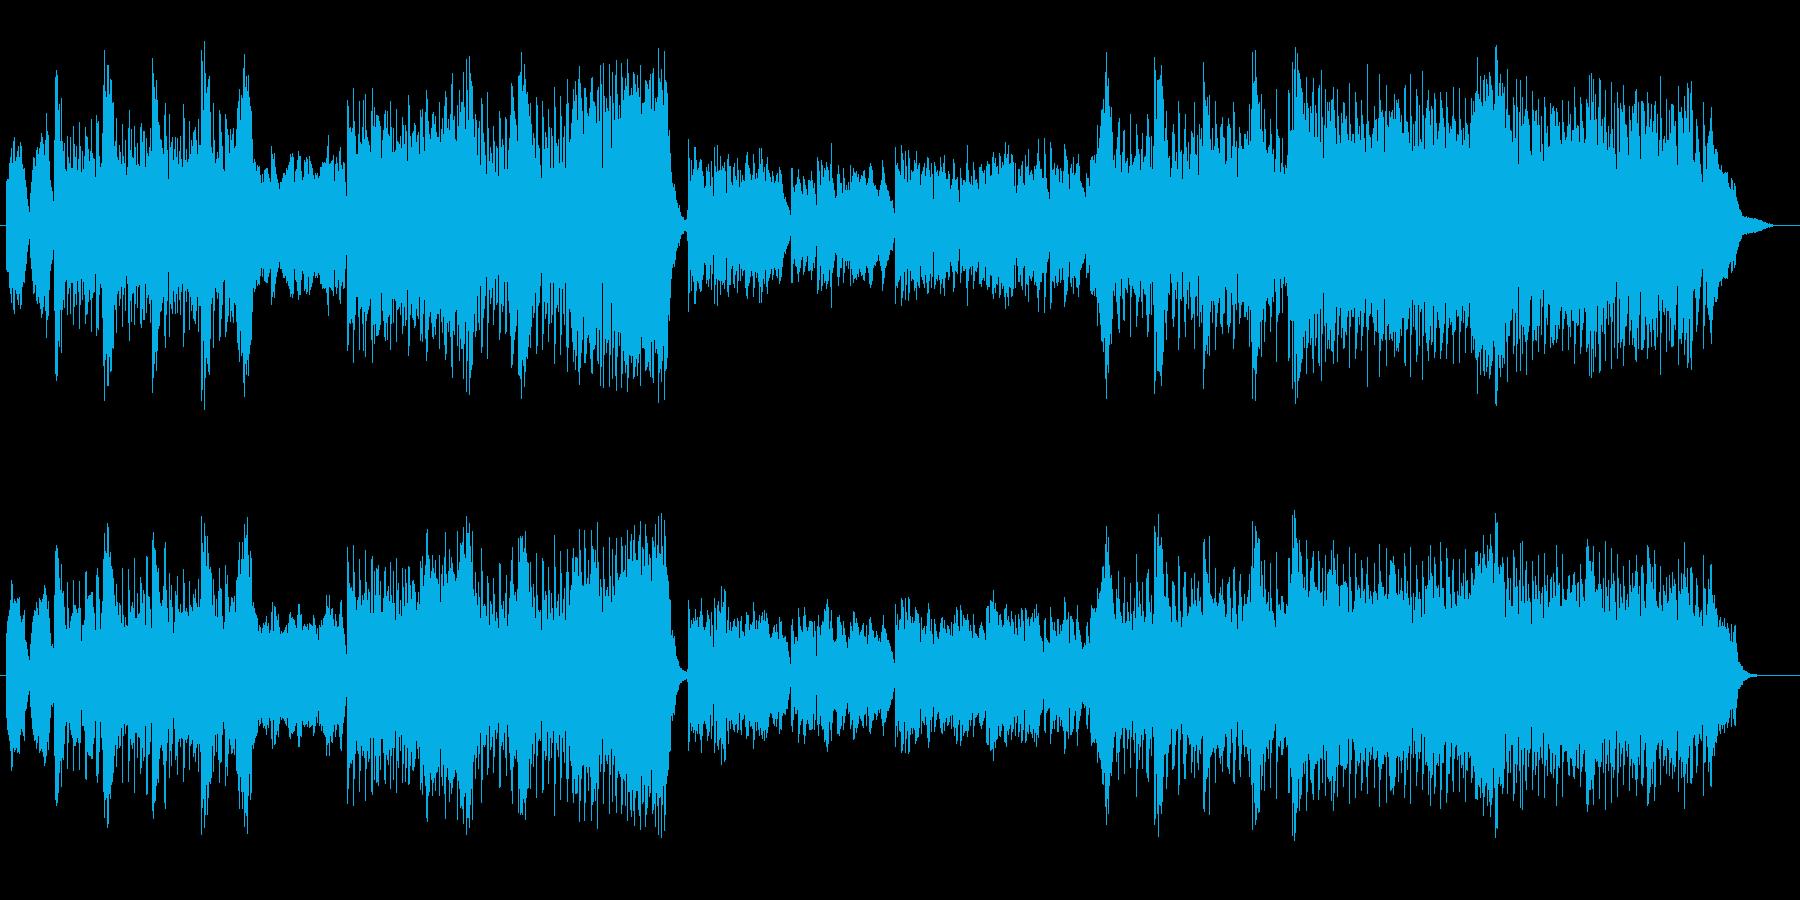 教会音楽のような奇抜なホラーロックの再生済みの波形